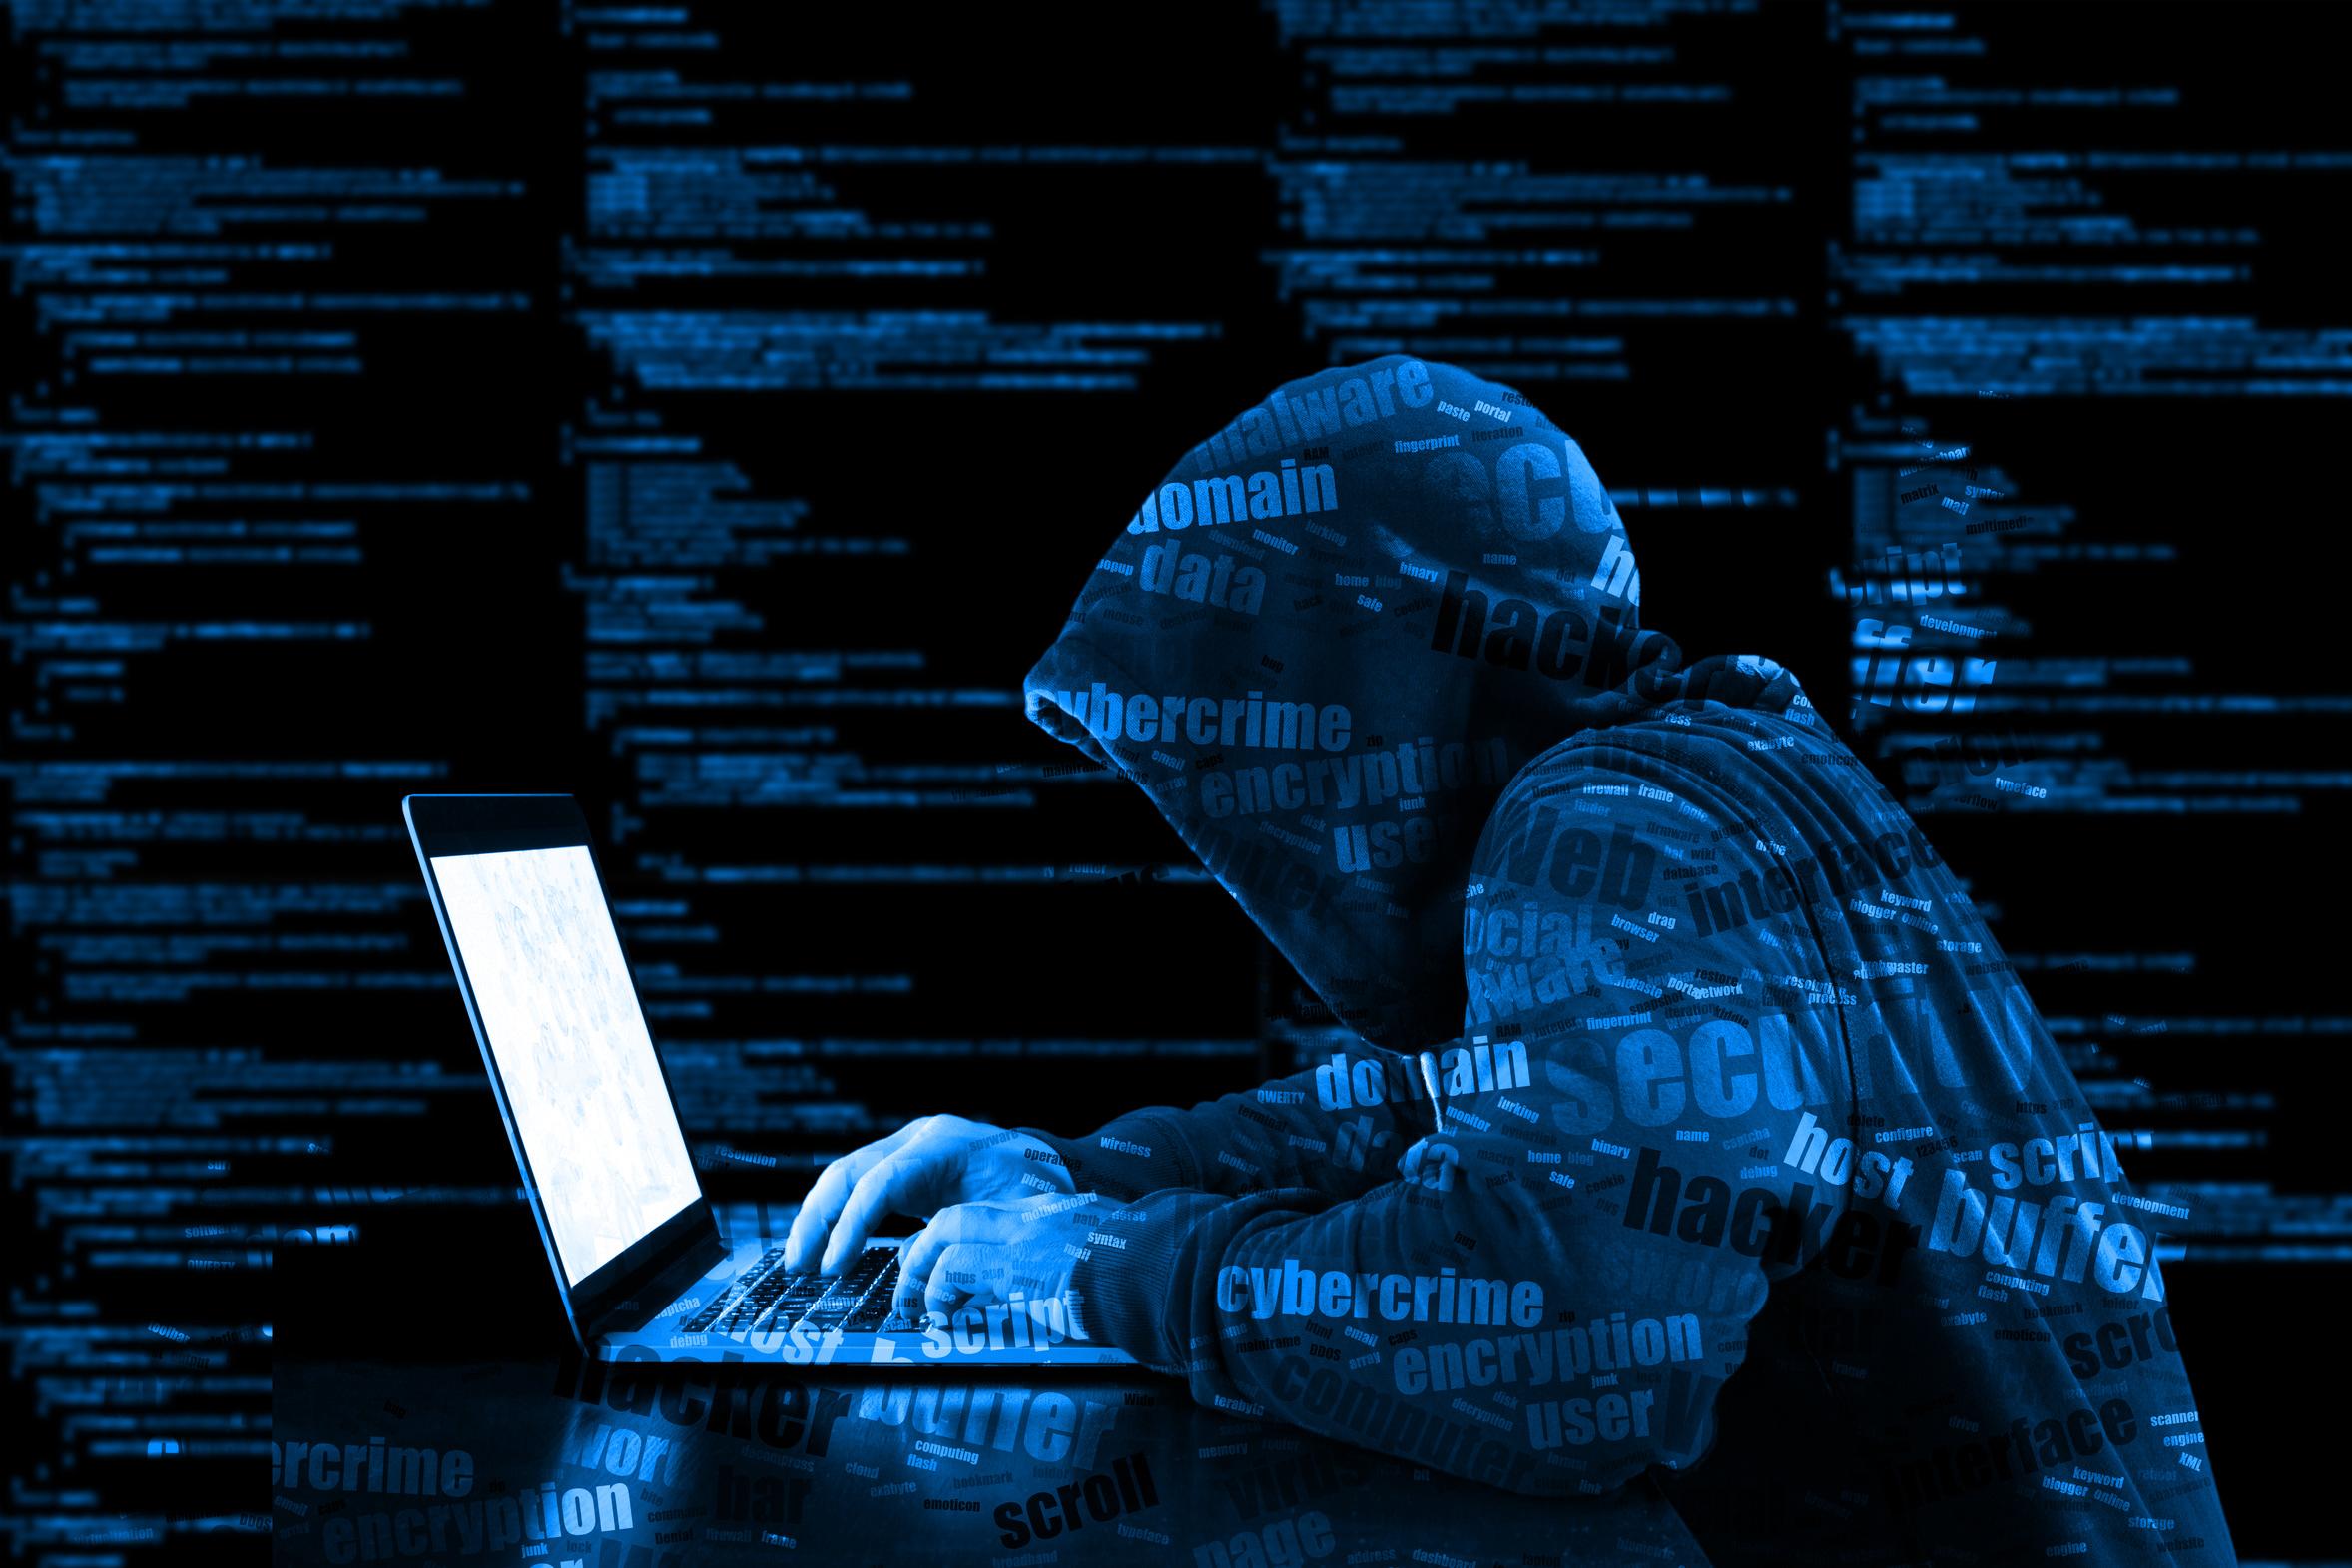 美眾院共和黨人促特朗普制裁中共黑客